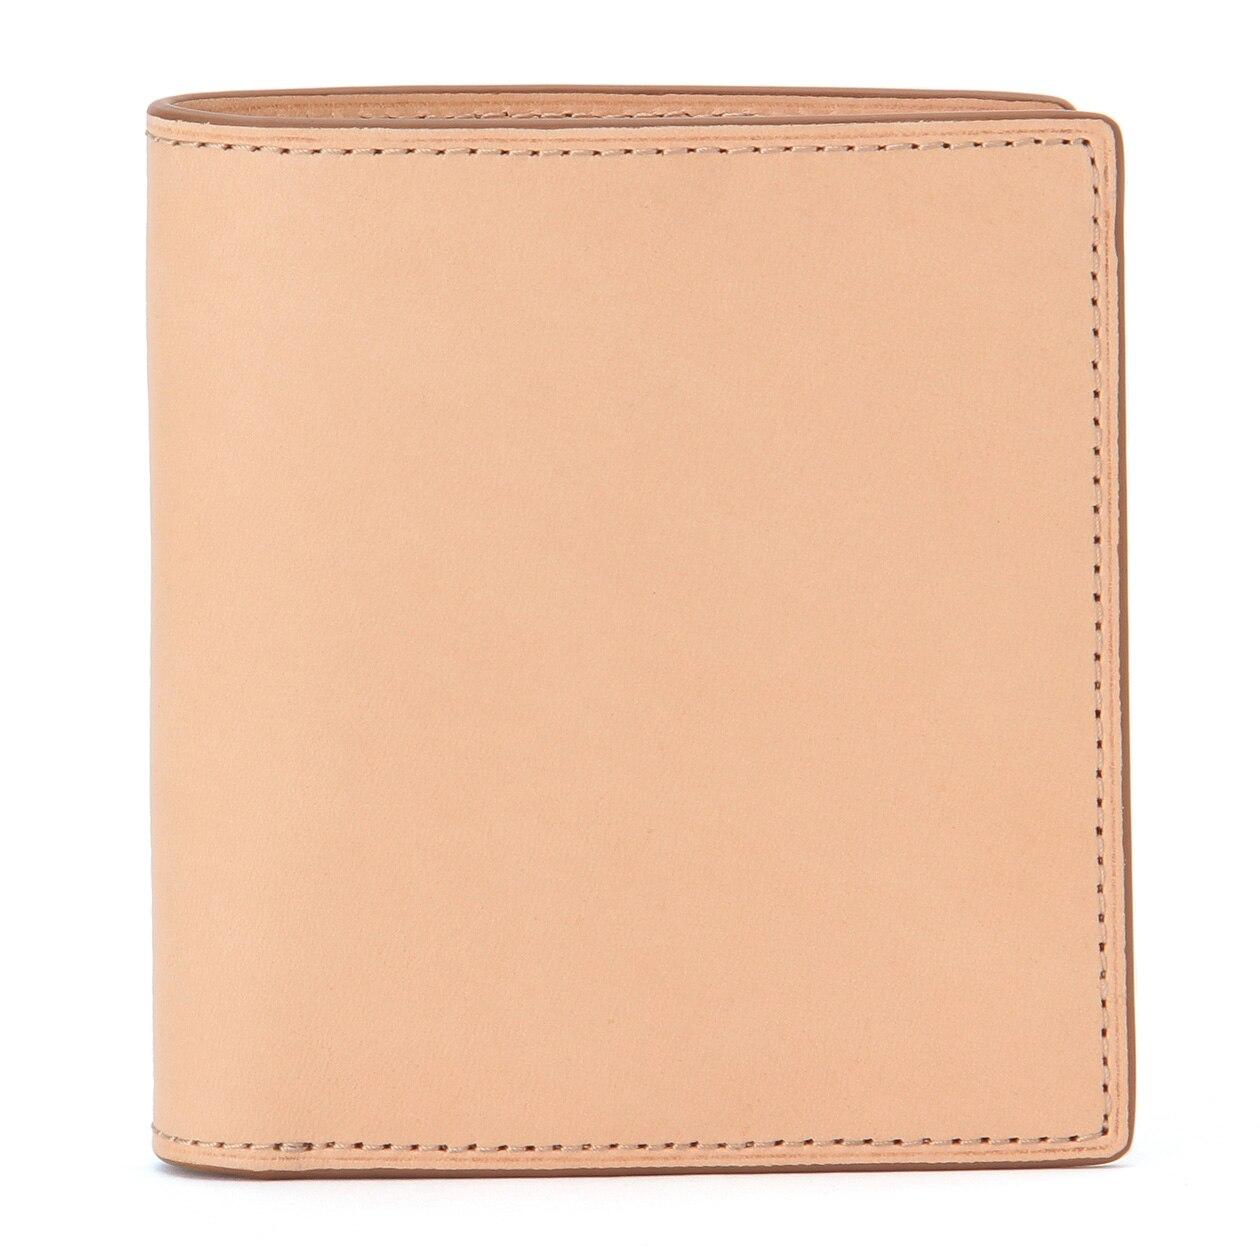 シンプル フリンジ PU 二つ折り財布 レディース 財布 タッセル 無地 レディース財布 レトロ ホワイト 北欧ナチュラル